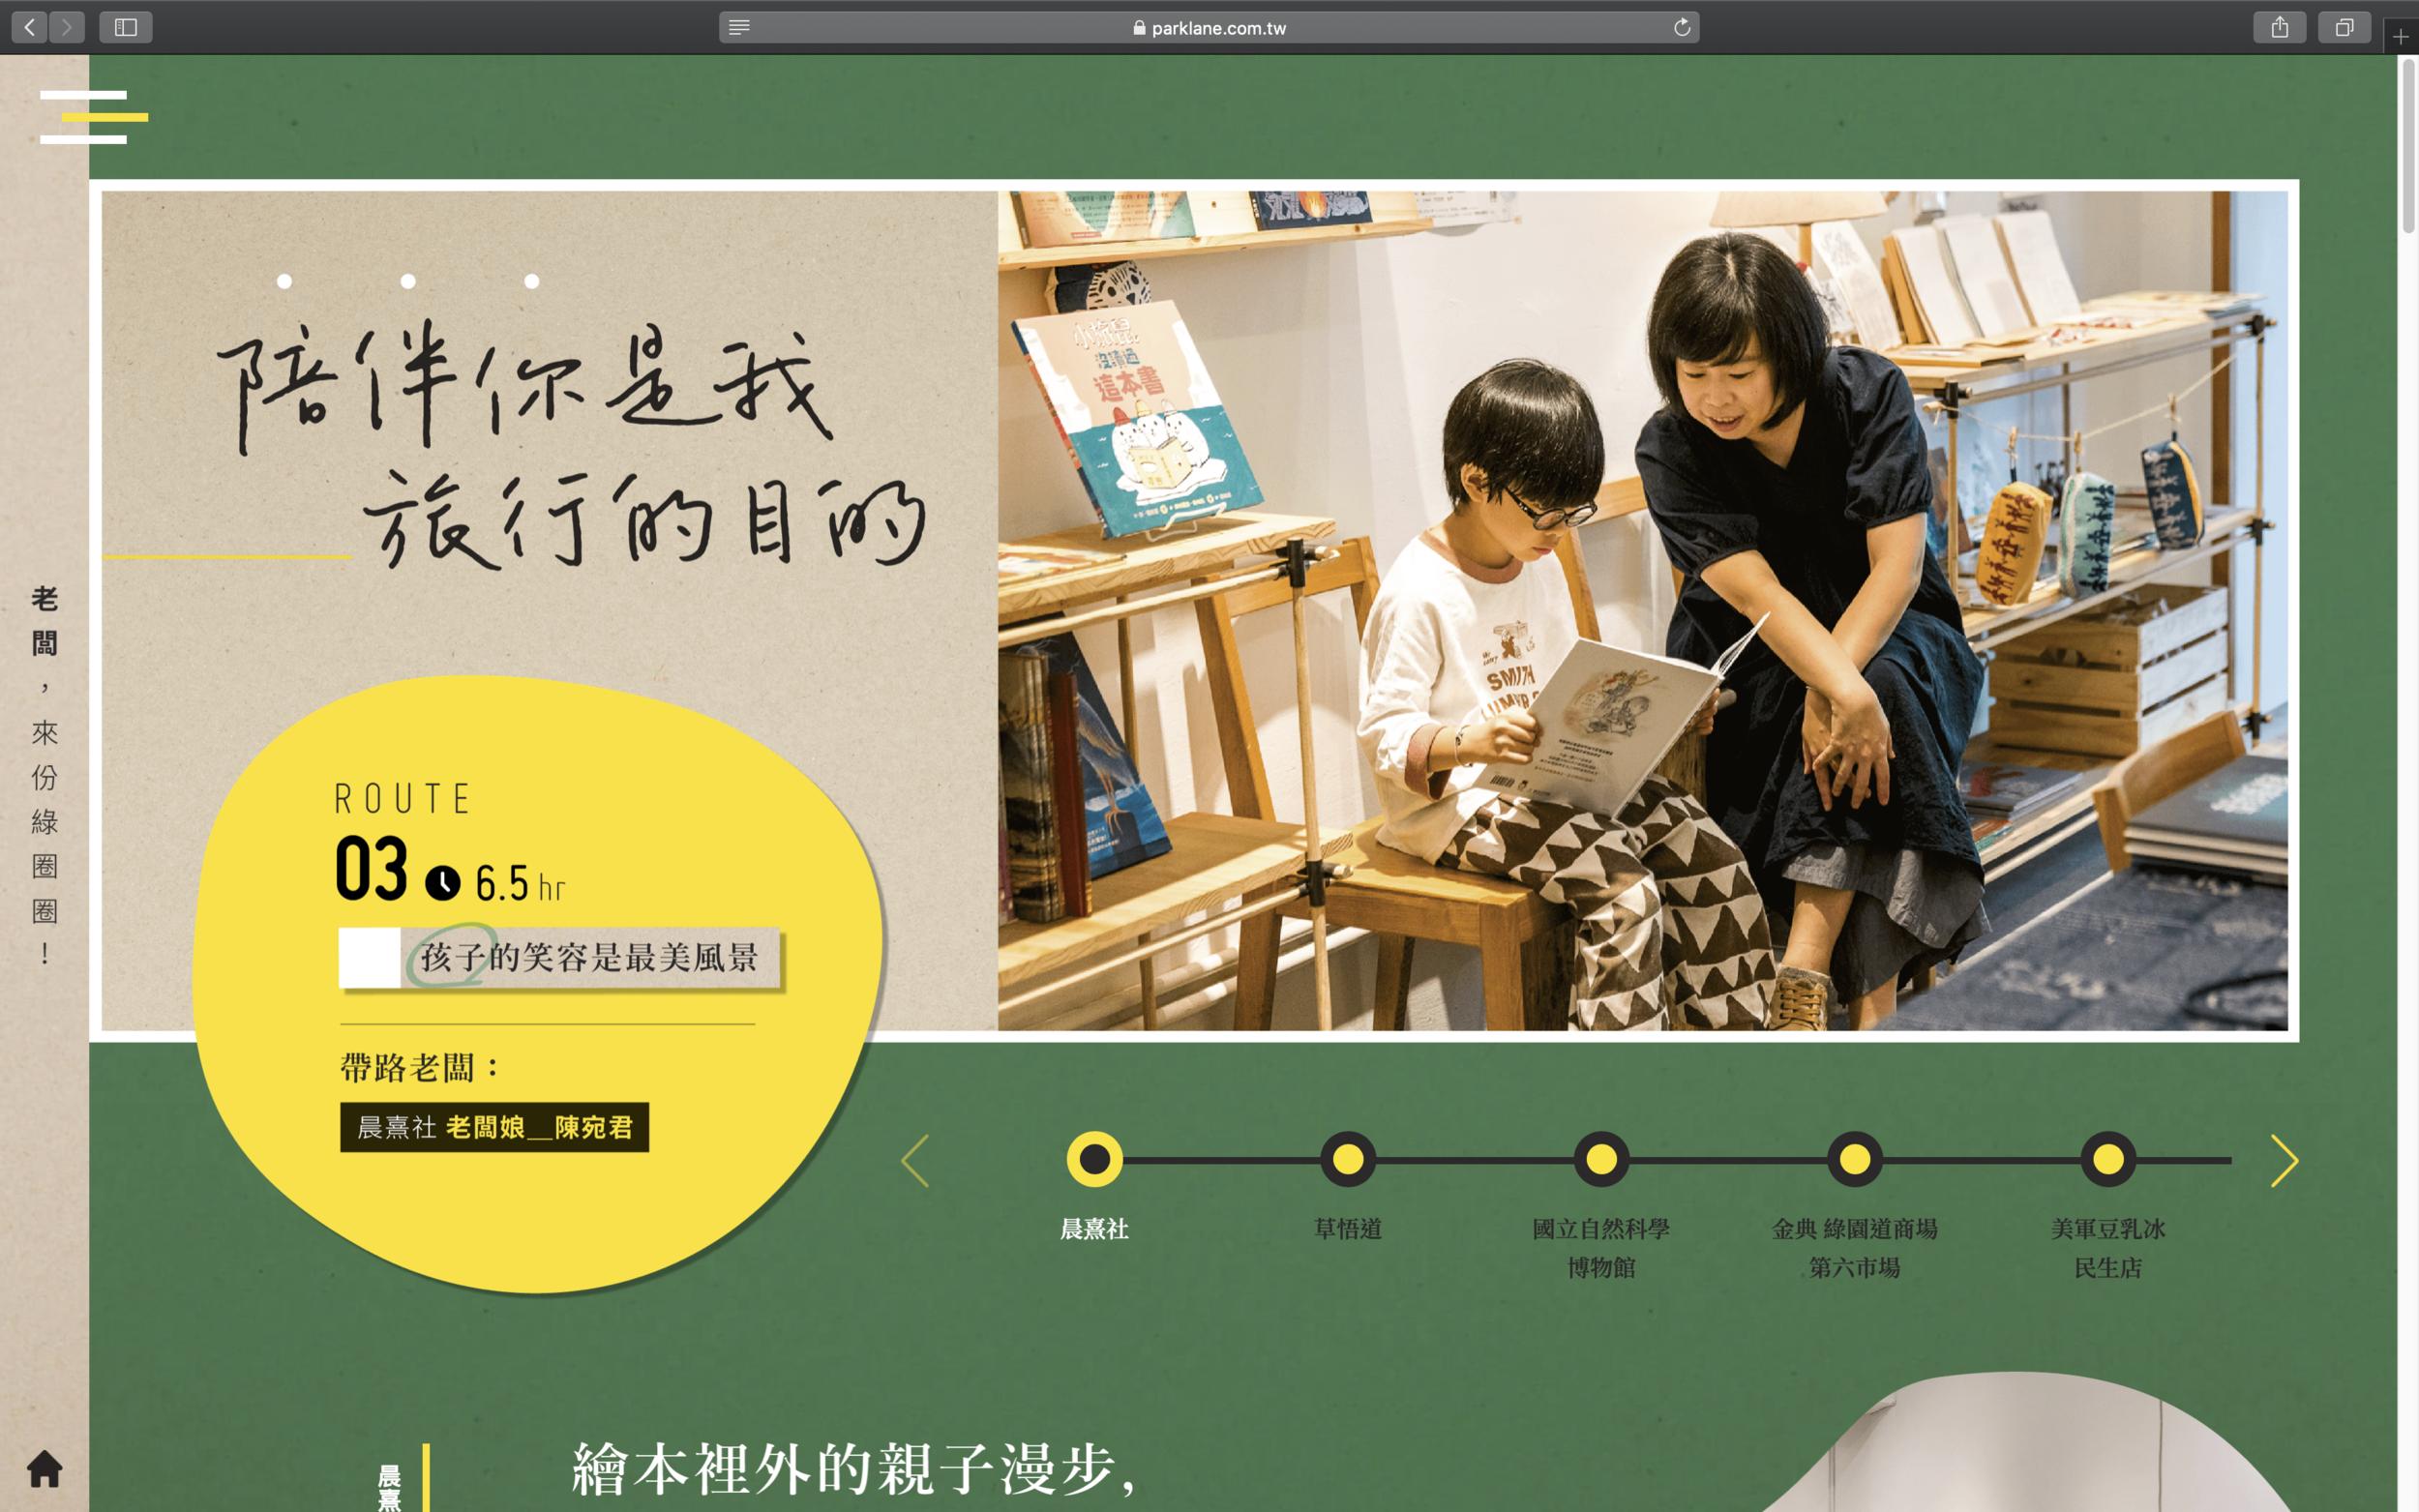 綠圈圈企劃_Web12.png